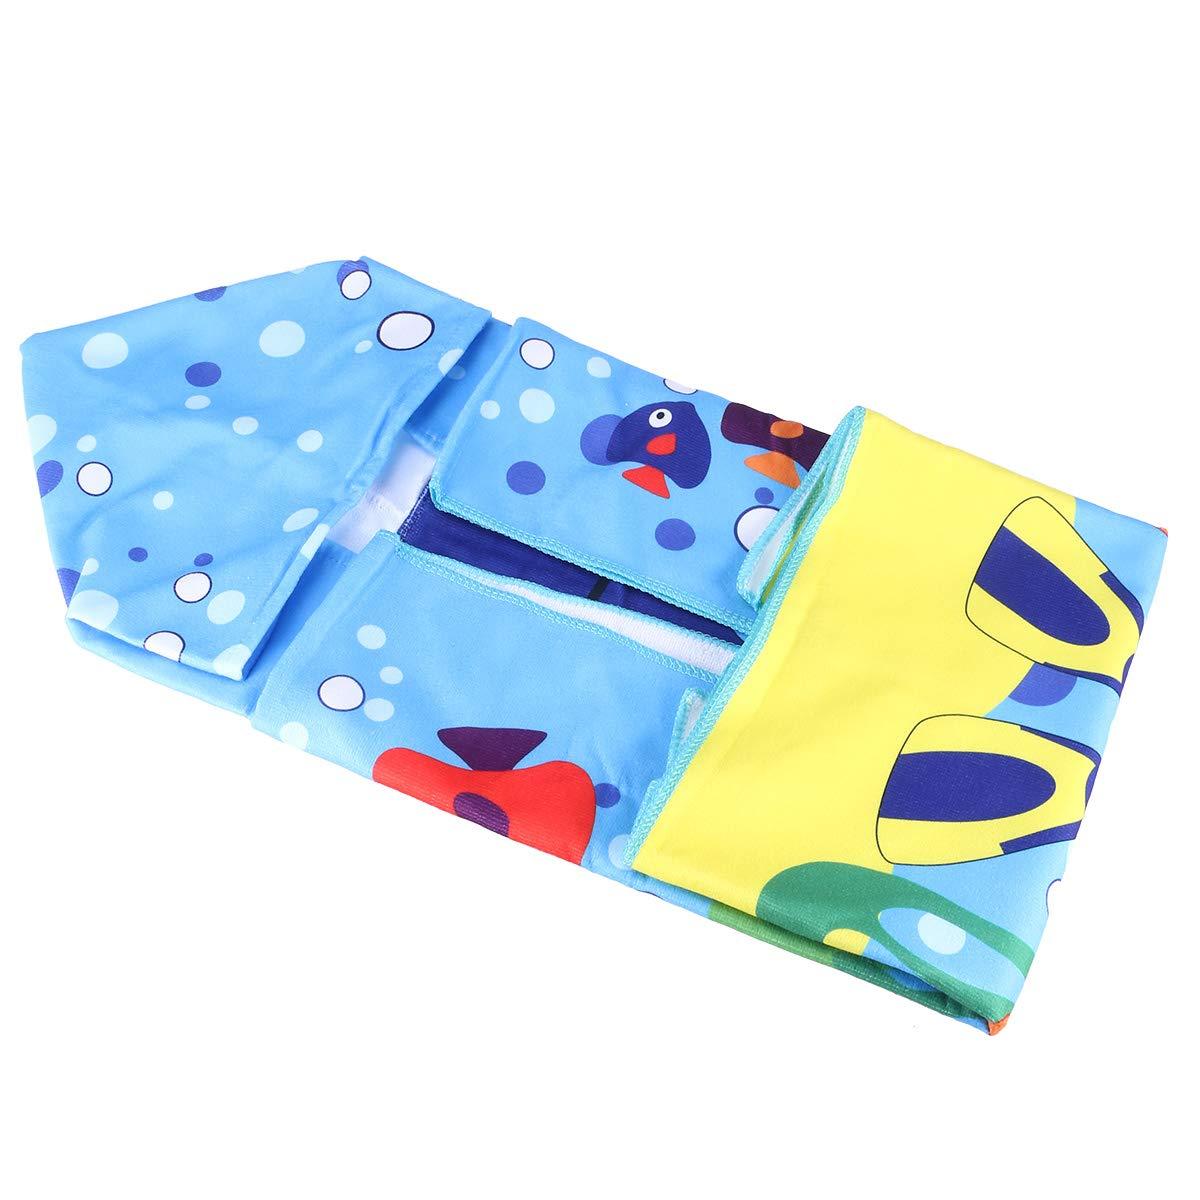 LIOOBO Toalla de baño para bebé con Capucha Patrón Lindo de algodón Toalla con Capucha de bebé para bebés Niños pequeños: Amazon.es: Hogar